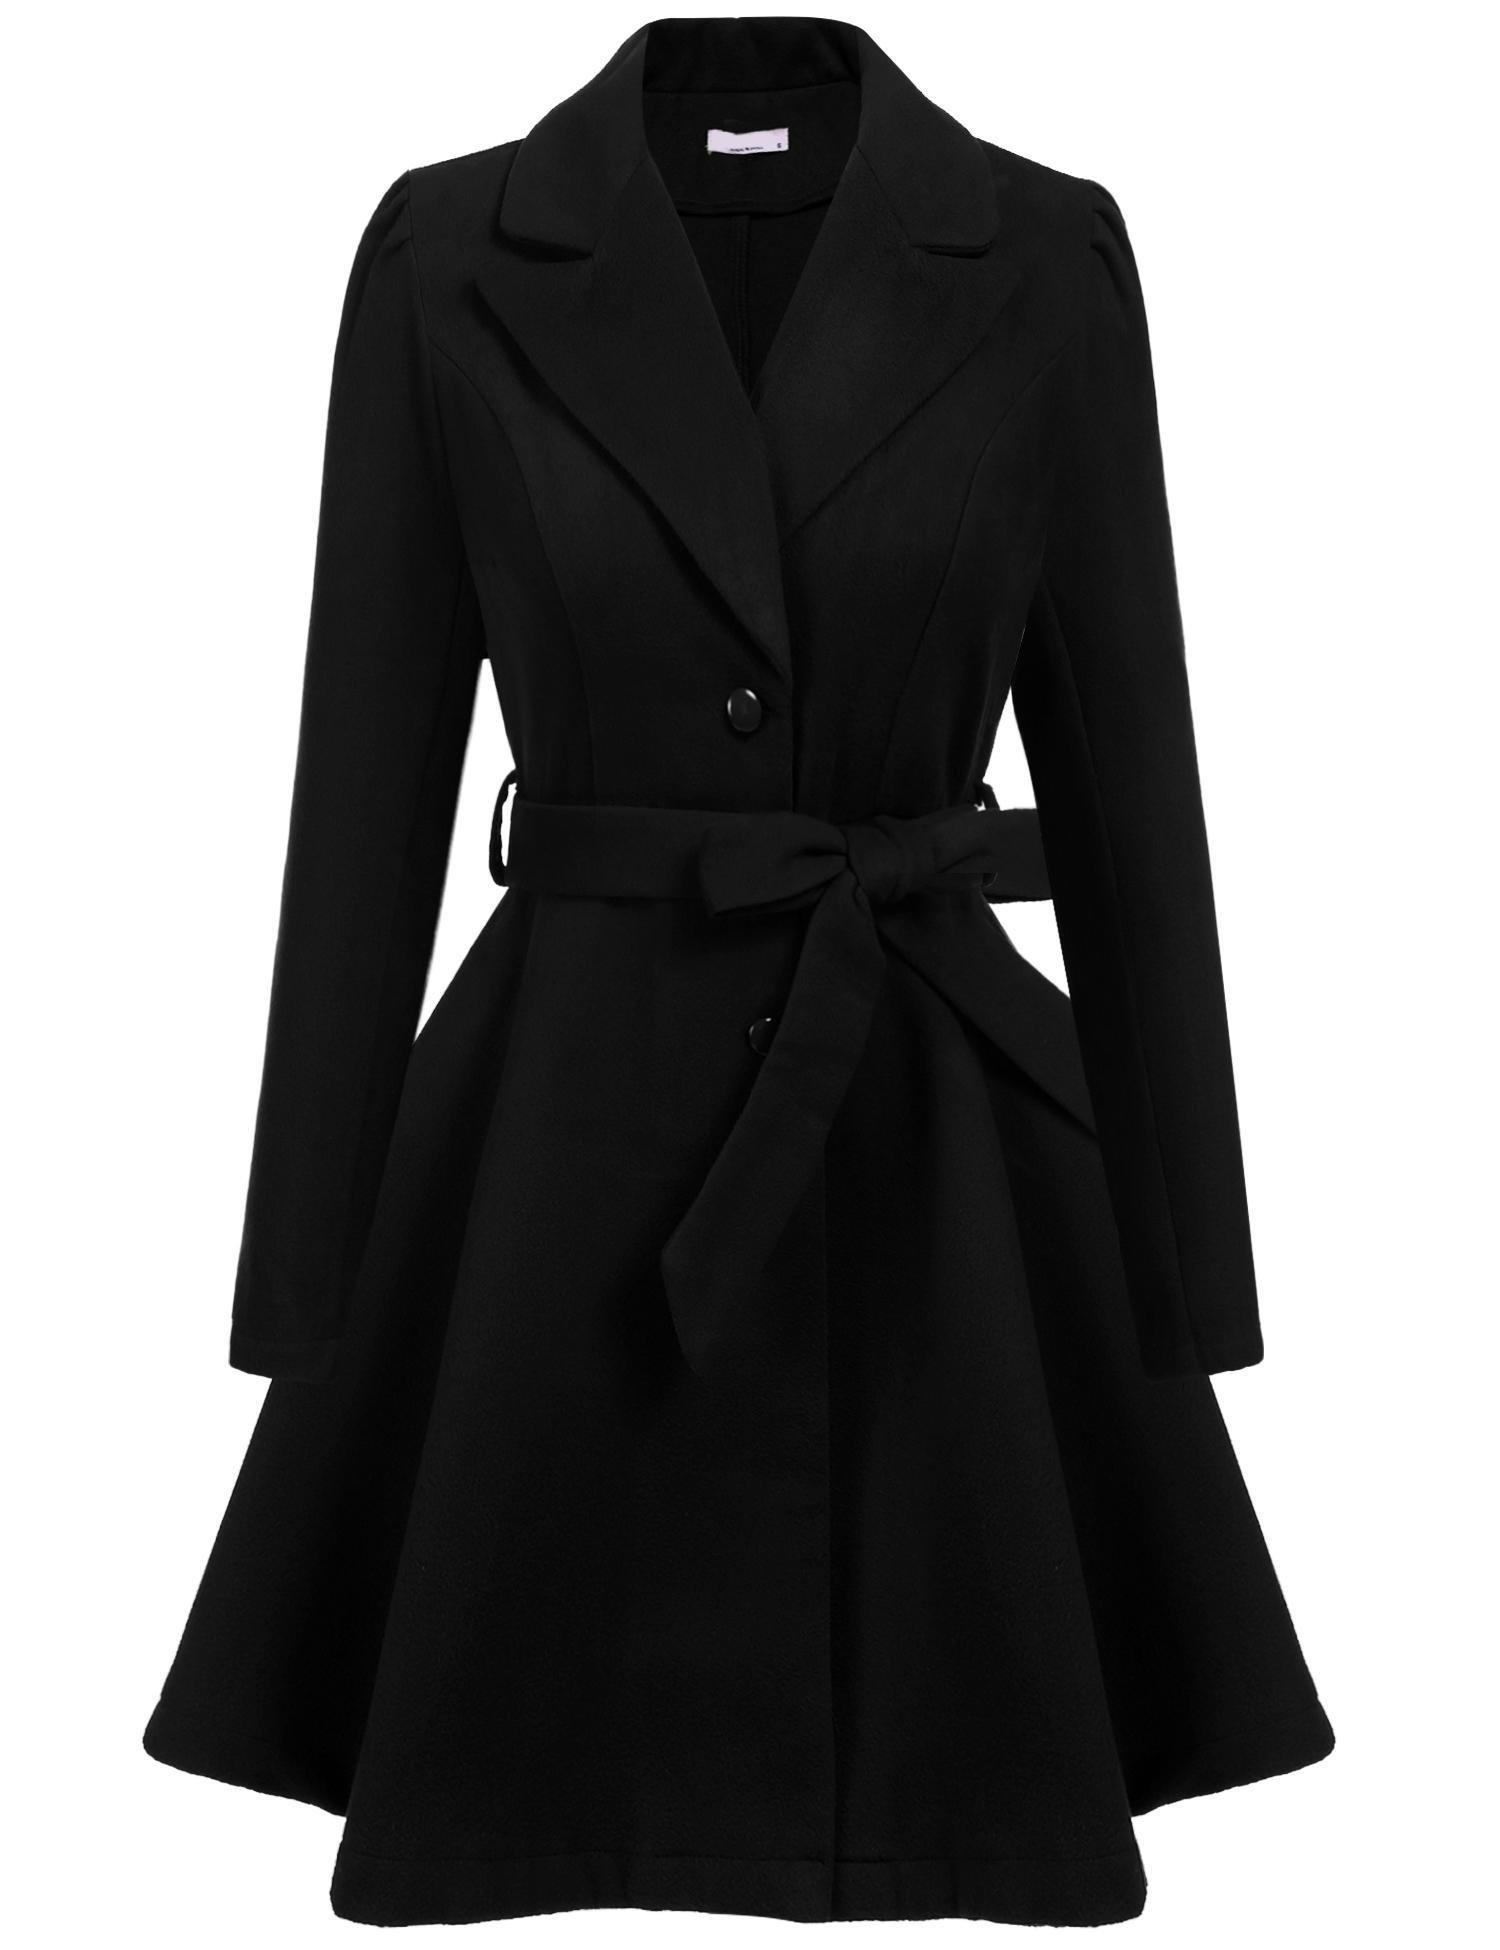 ELESOL Women's Wool Trench Coat Lapel Long Jackets Swing Overcoat Black/XL